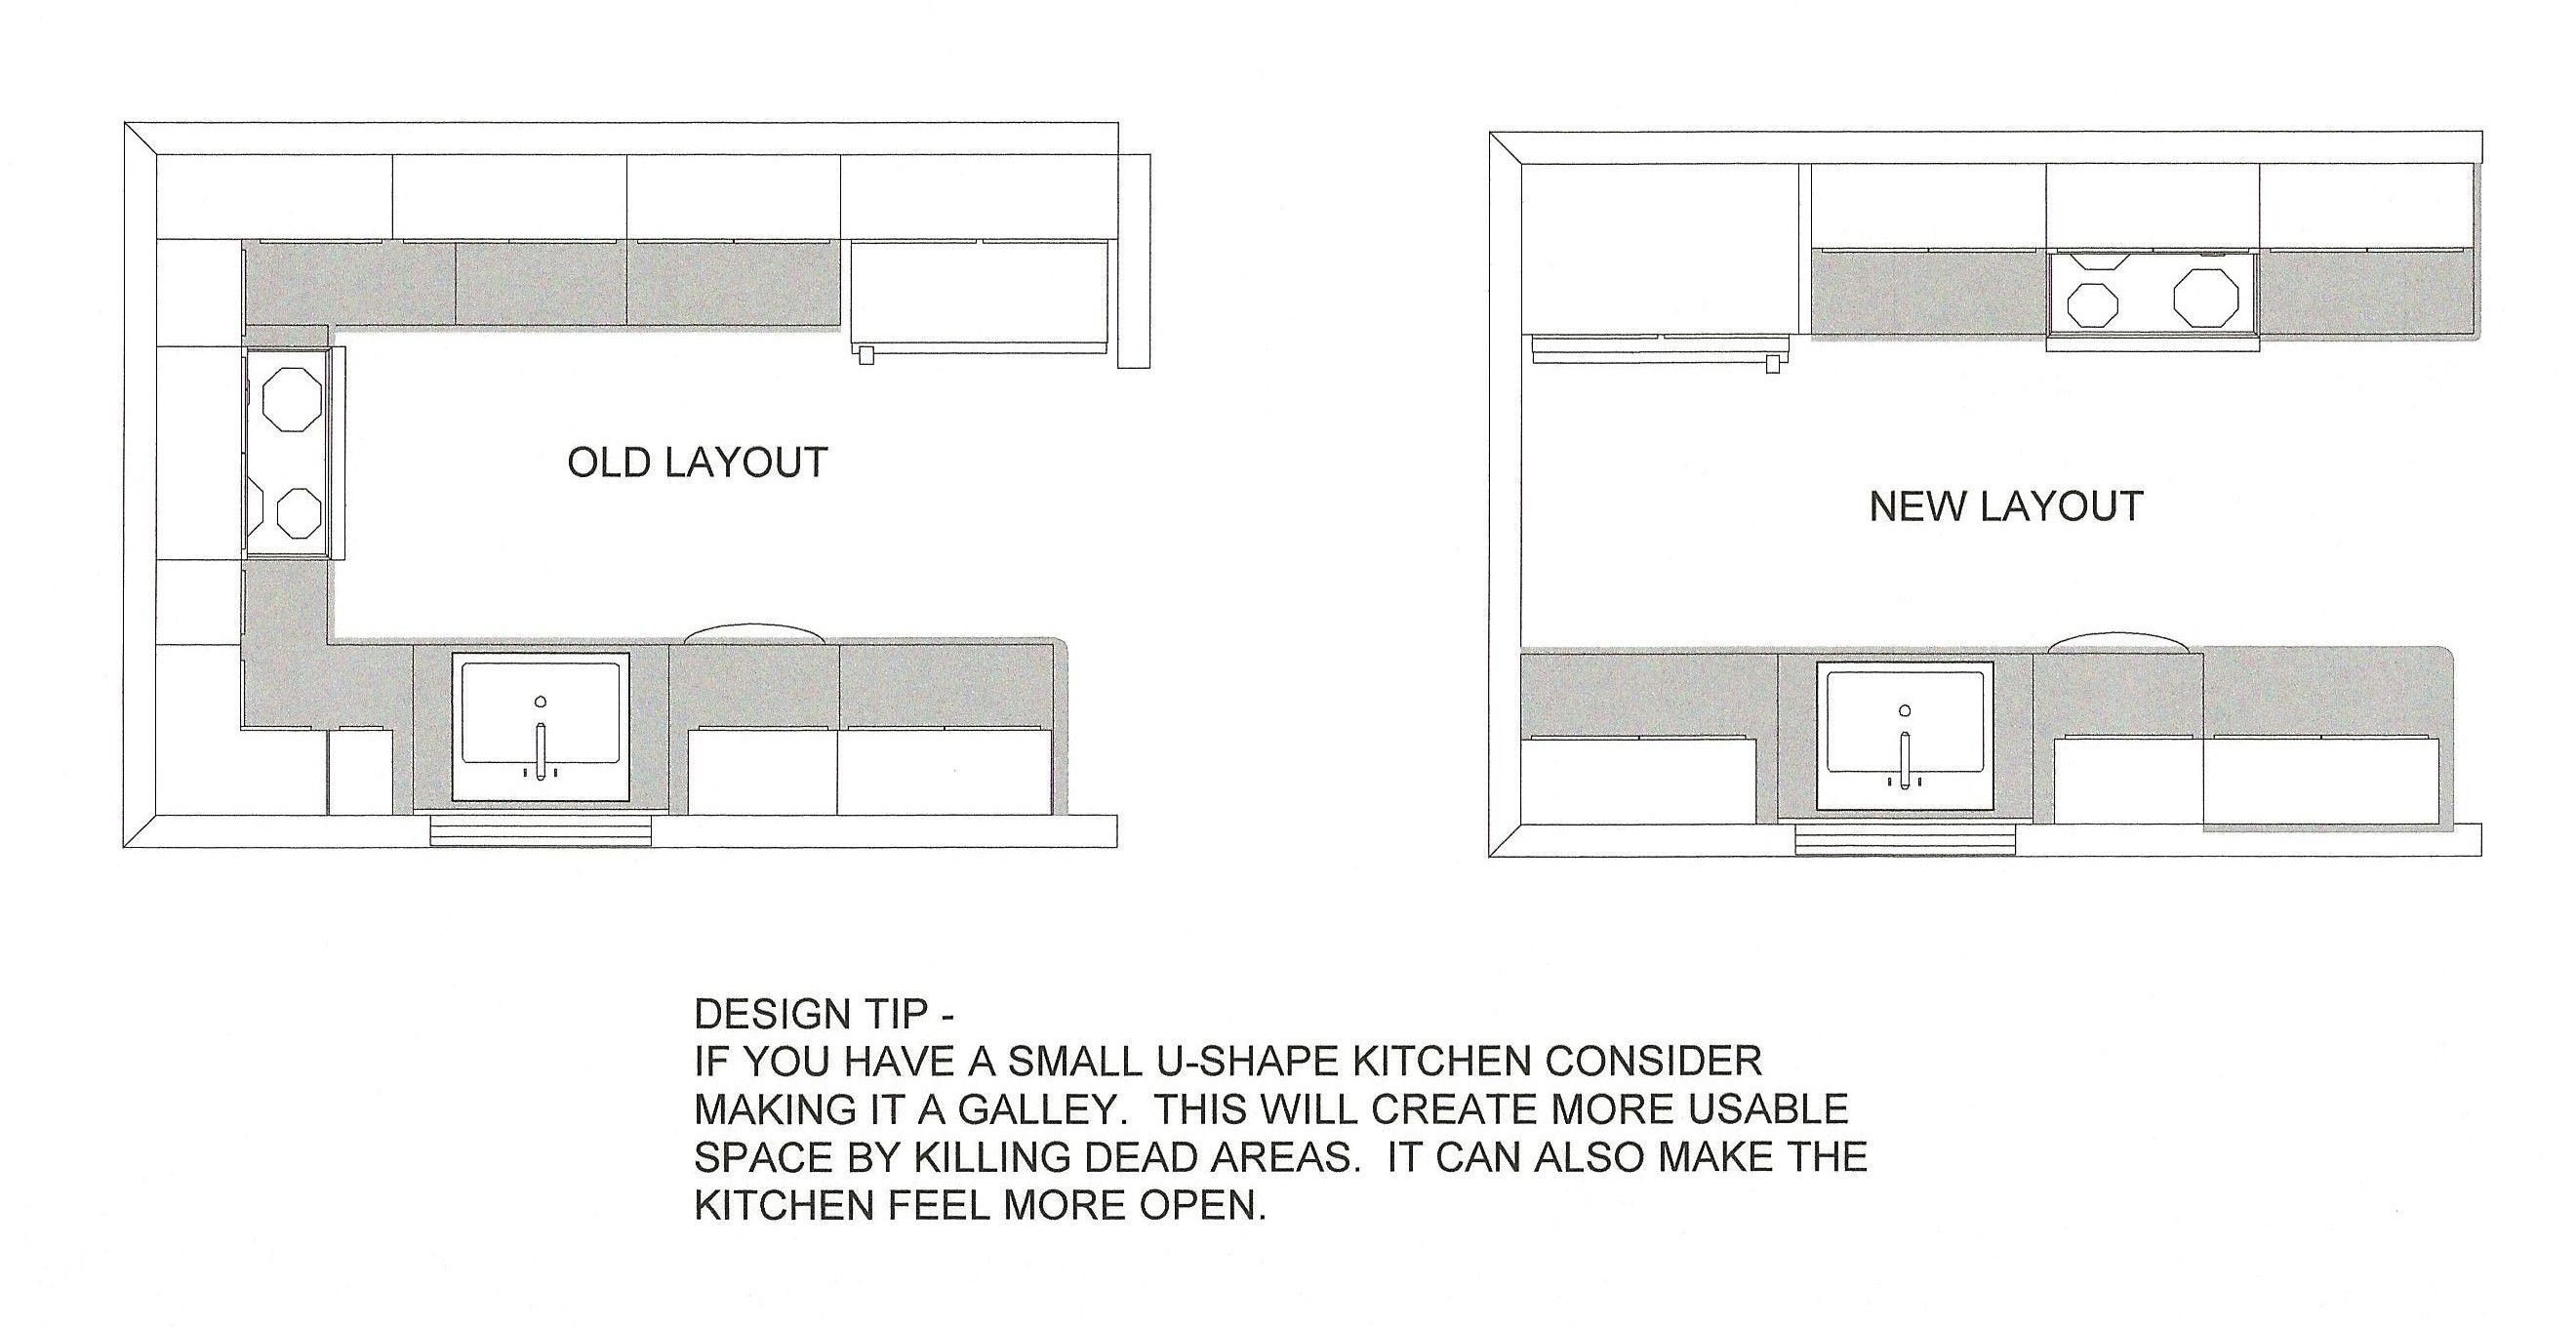 Kitchen layout u shaped, Small kitchen layouts, Kitchen design plans